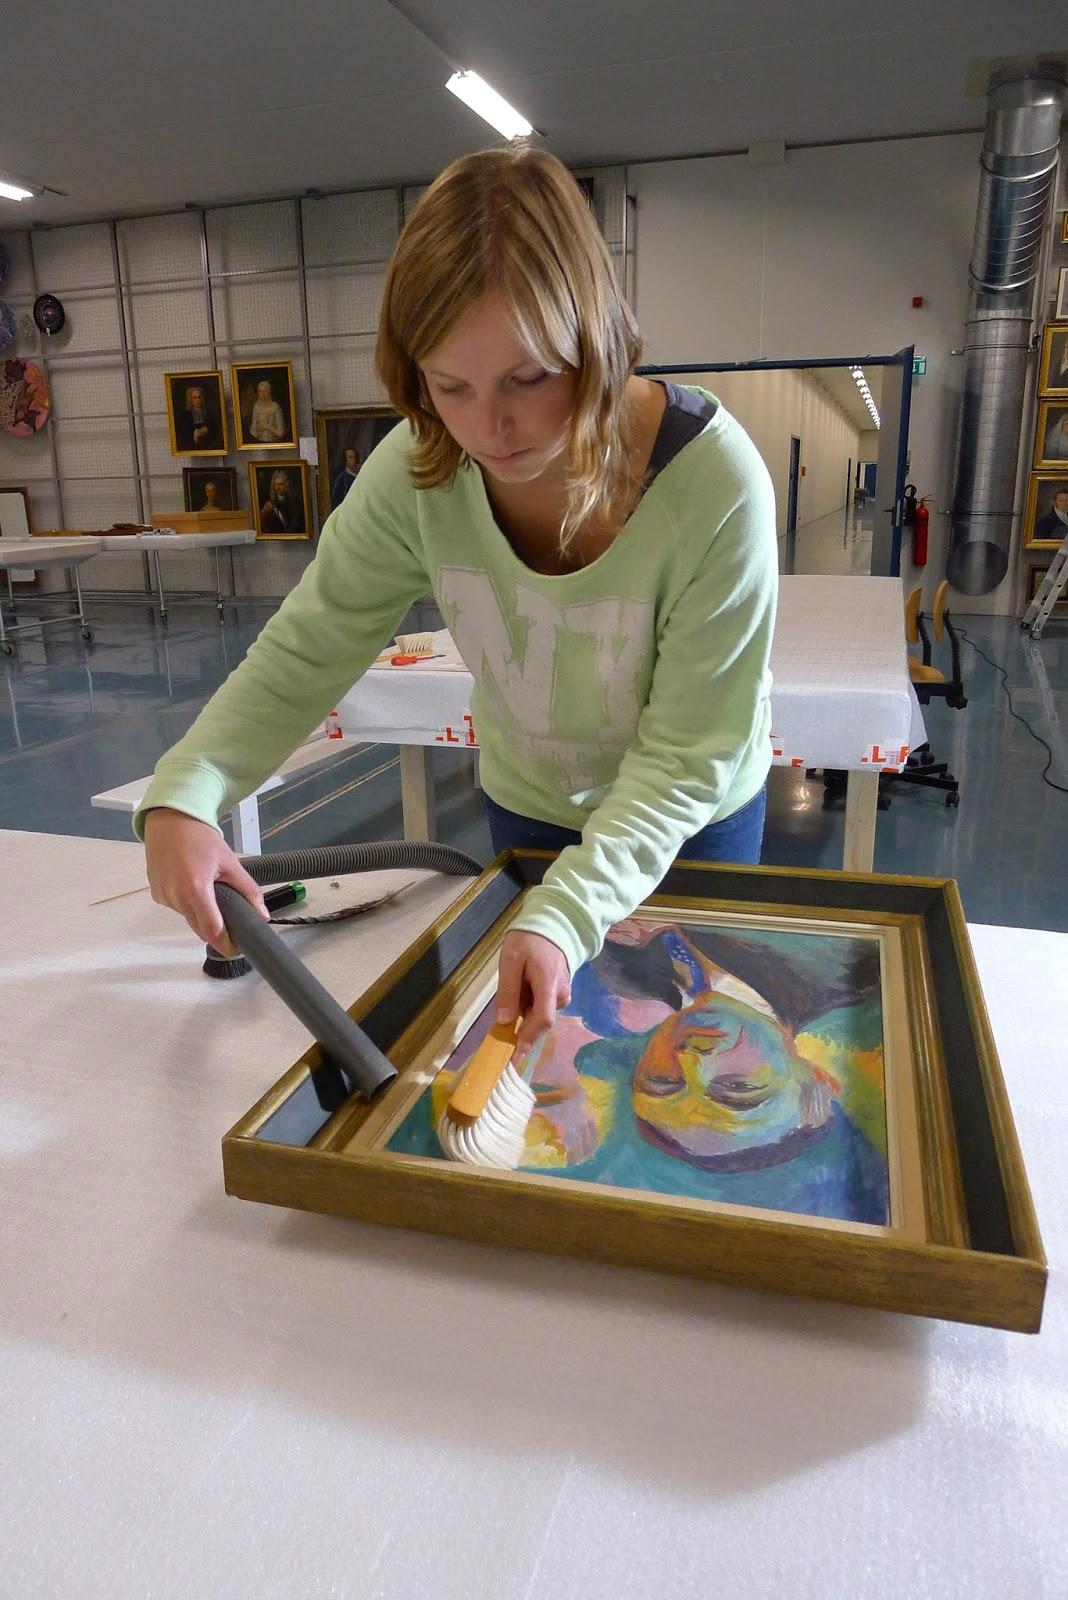 De Ploeg Schilderijen - Het Groninger Museum